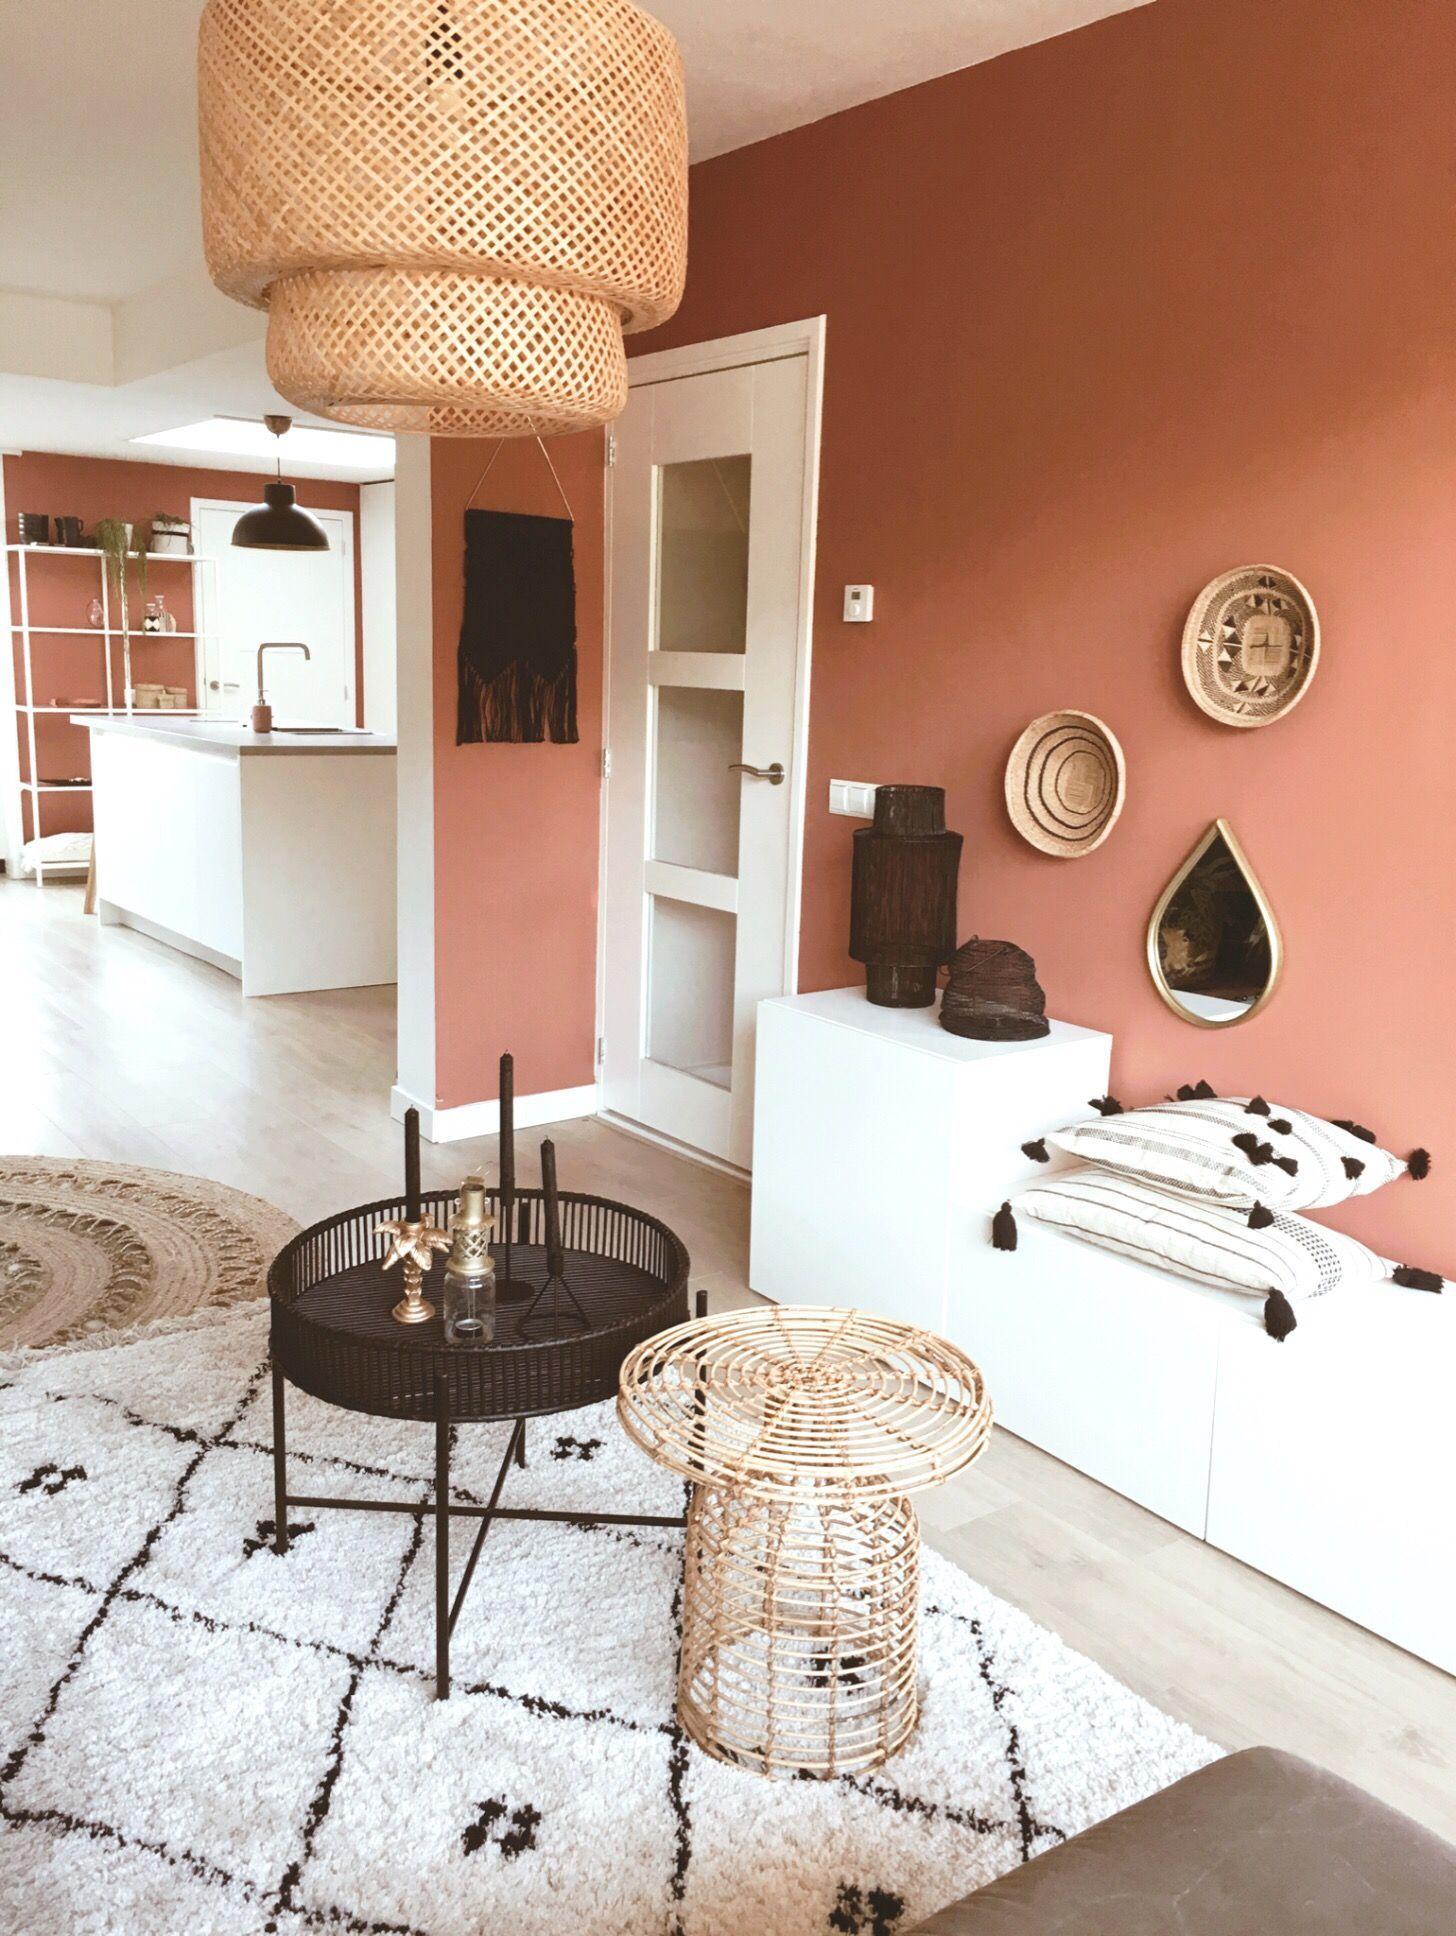 Typisch Life door Iv, Typisch Life By Iv - Alles om je huis je Thuis te maken | HomeDeco.nl...,  #door #huiskamerinrichting #Life